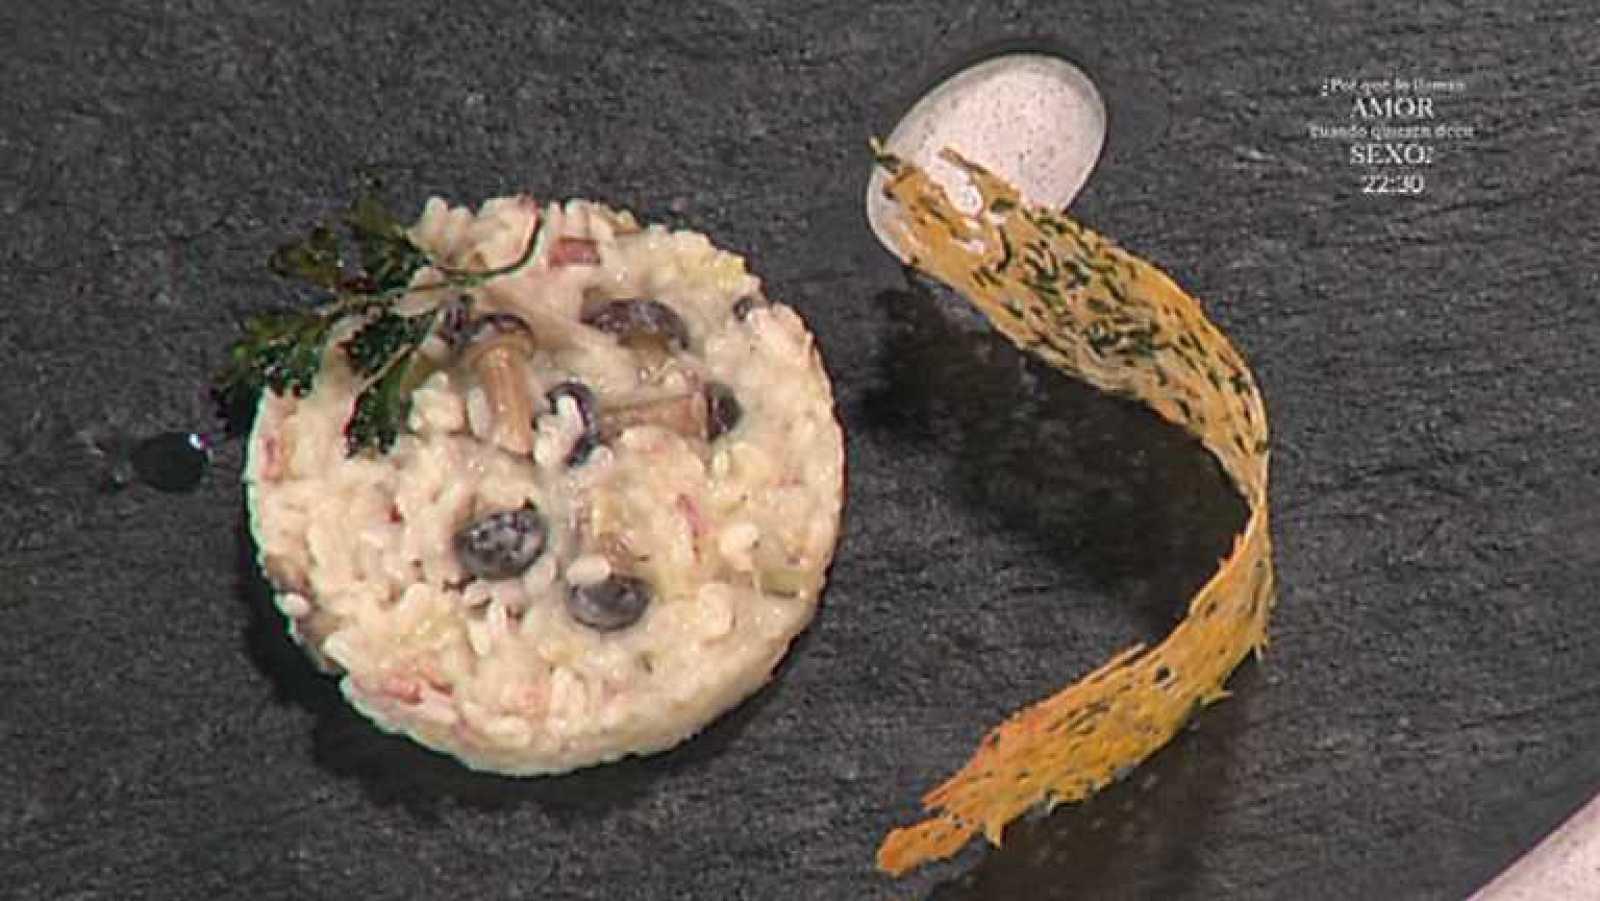 Cocina con Sergio - Risoto con setas y crujiente de queso - Ver ahora